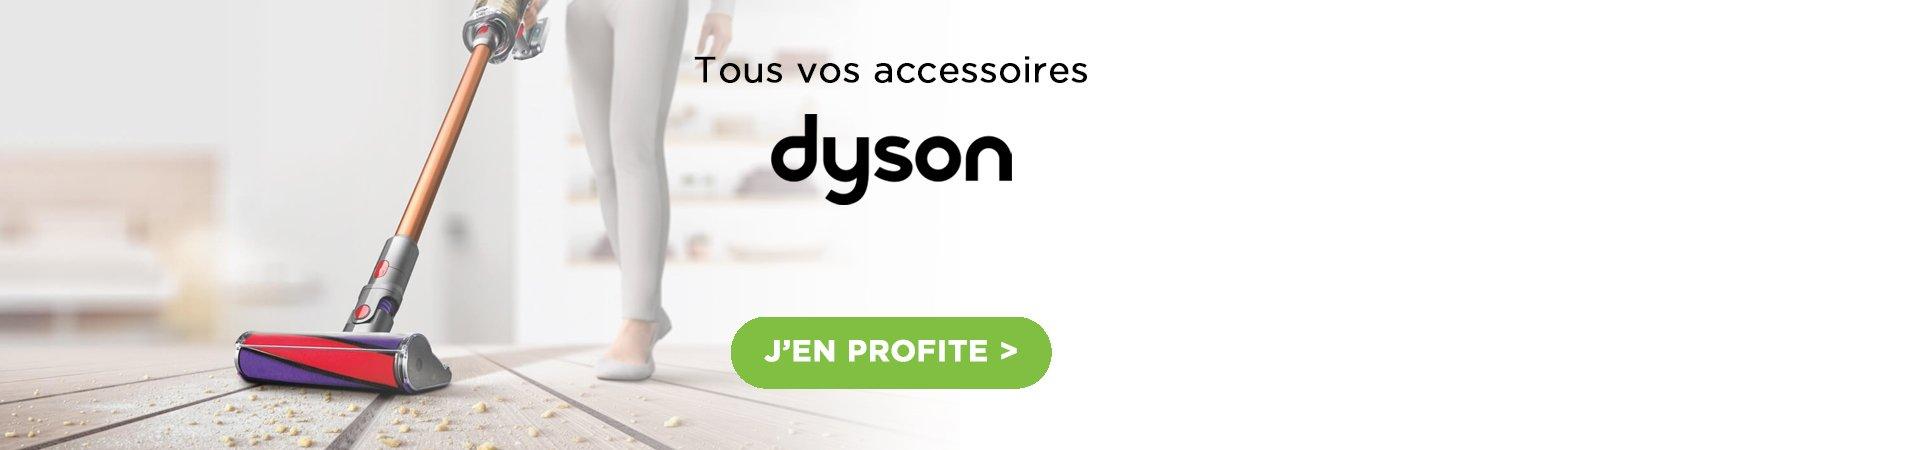 Accessoires Dyson